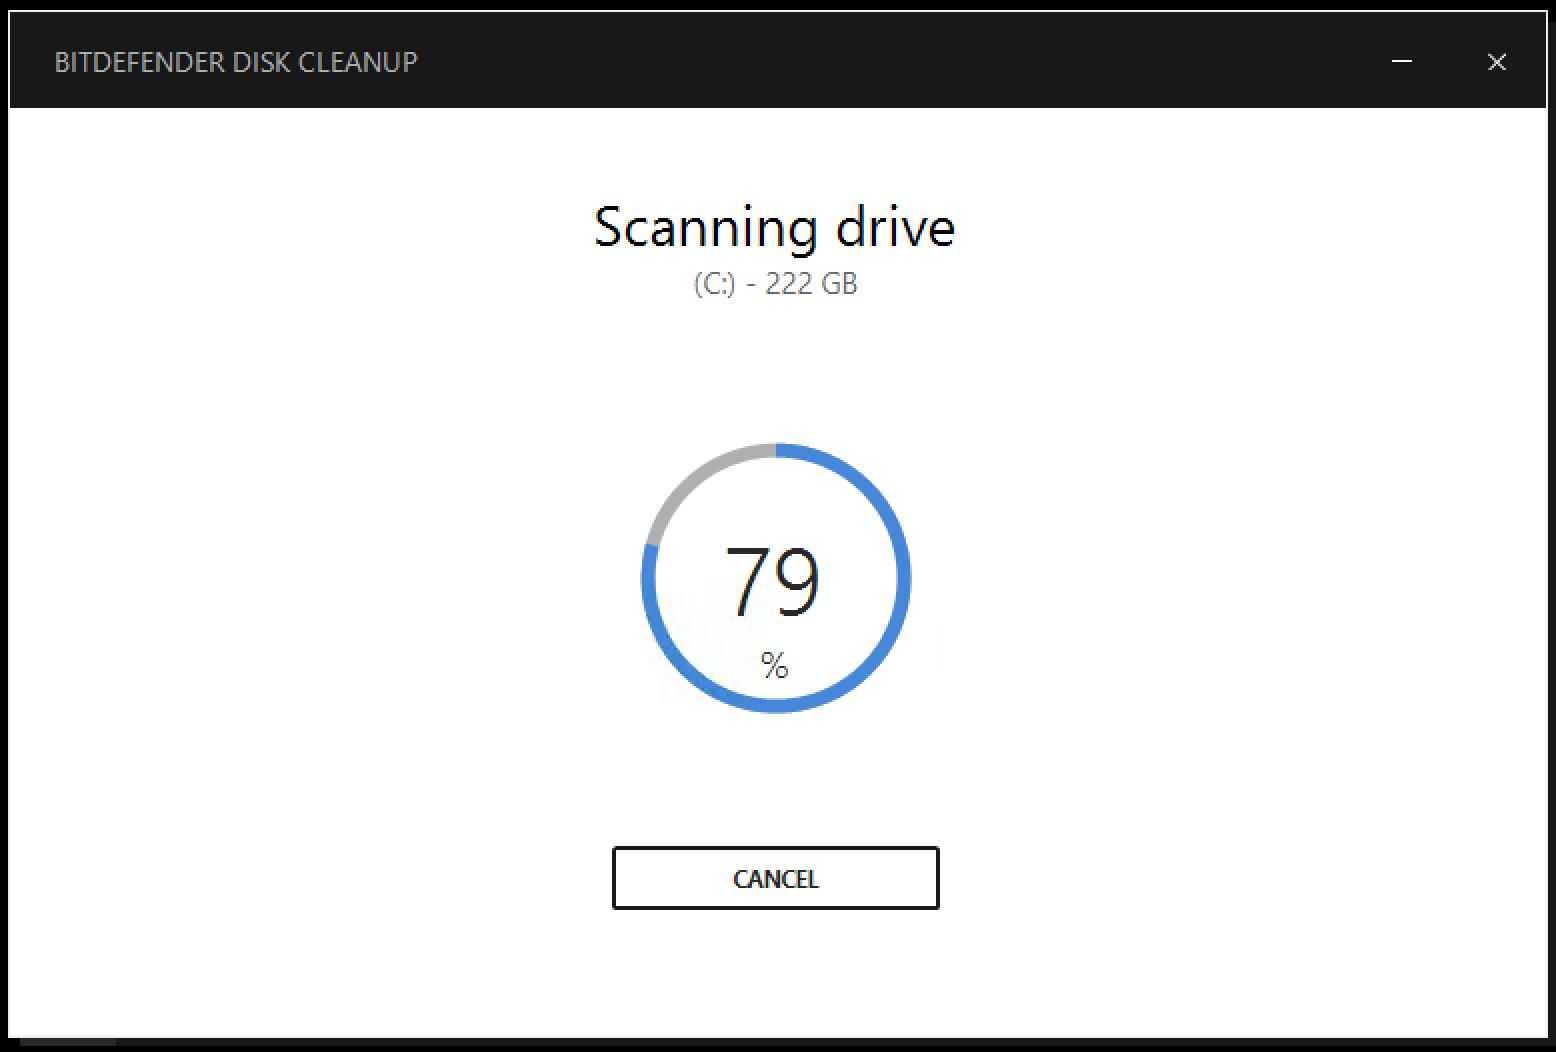 วิธีเพิ่มประสิทธิภาพพื้นที่ฮาร์ดดิสก์โดยใช้ Disk Cleanup ใน Bitdefender 2017